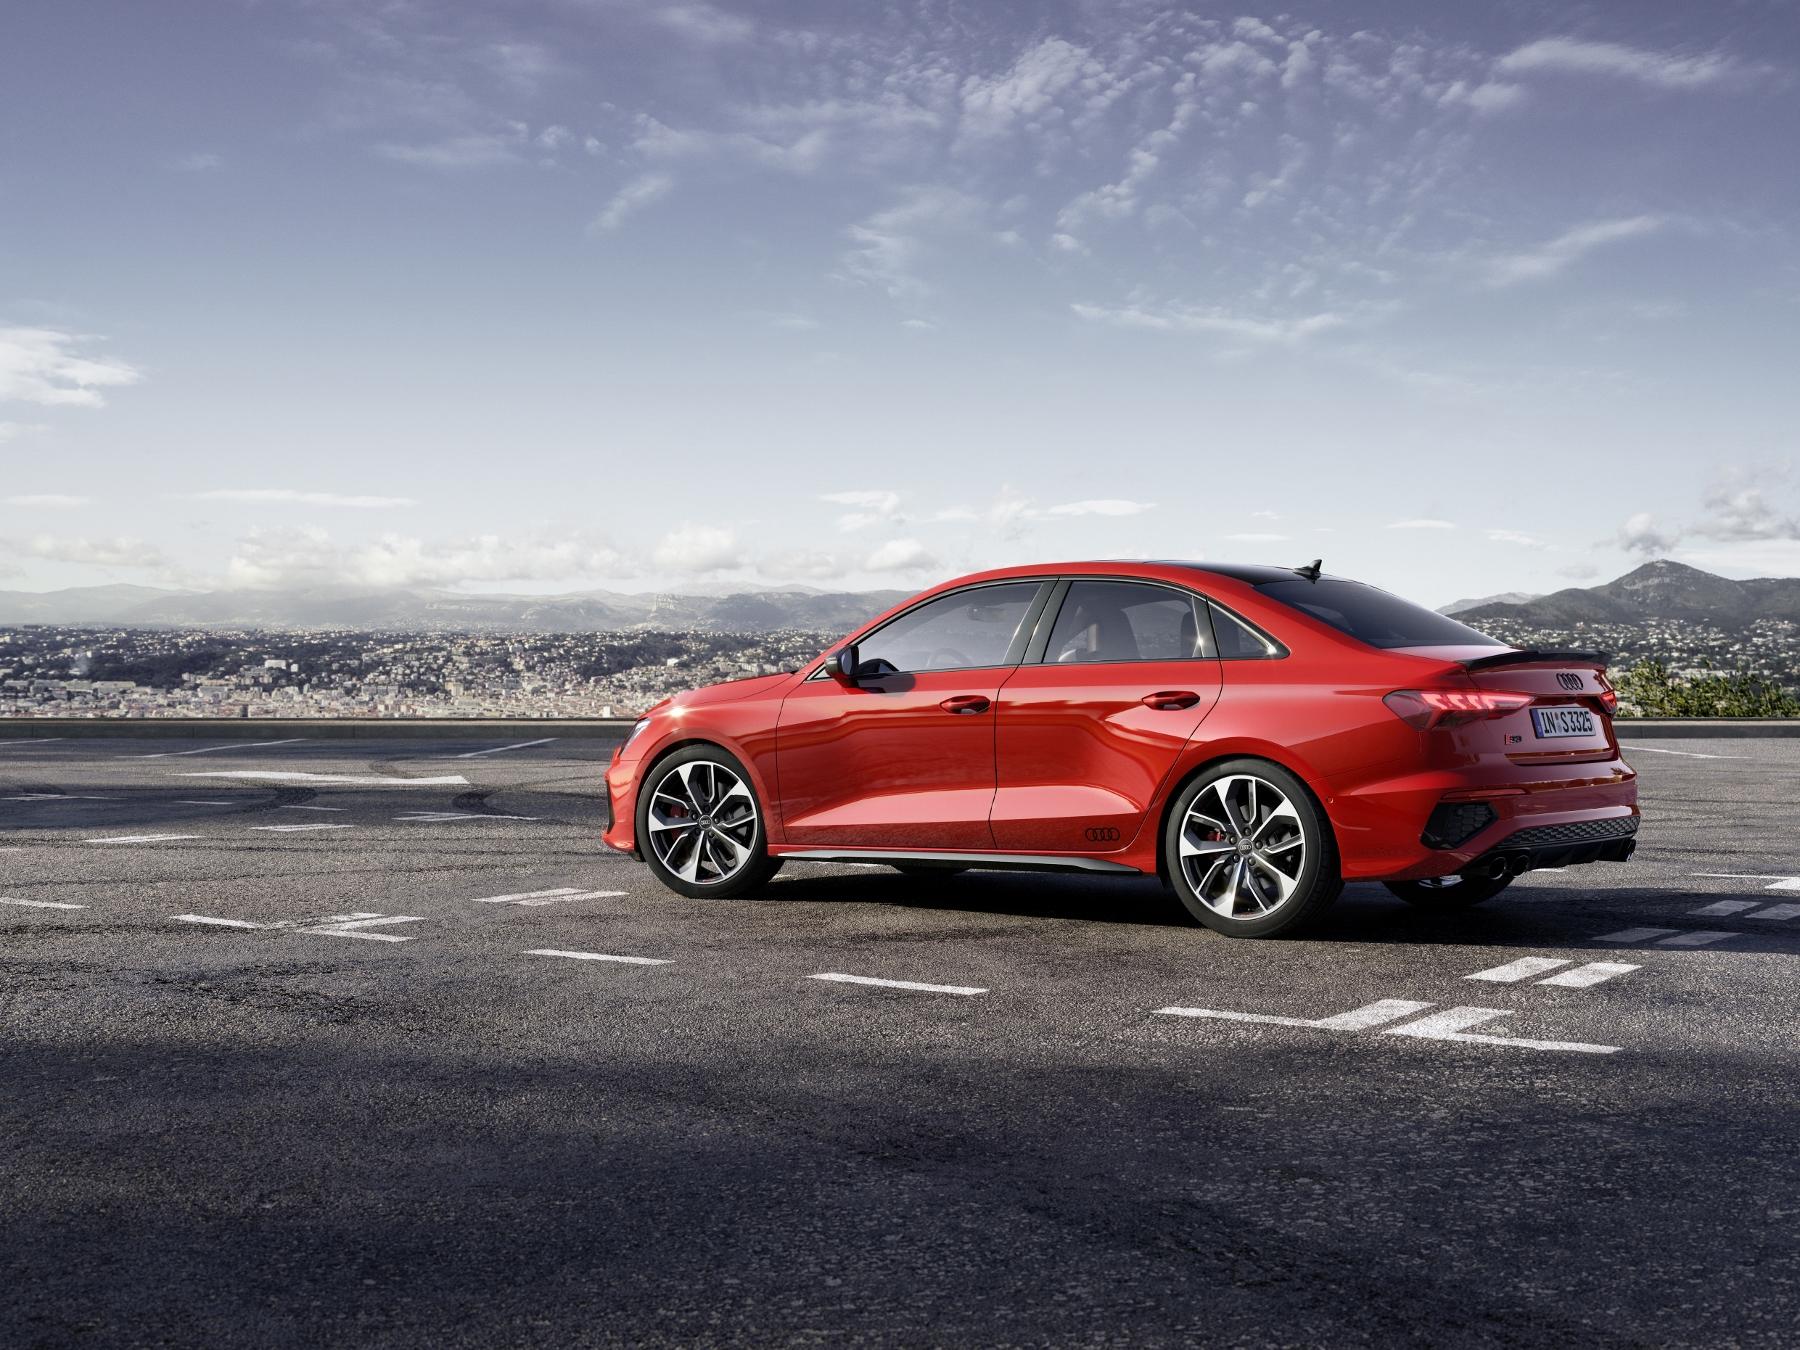 Audi ukázalo modely S3 Sedan a Sportback. Prezradilo aj nemeckú cenu LxNoCjt4dY a204370large-1800x13